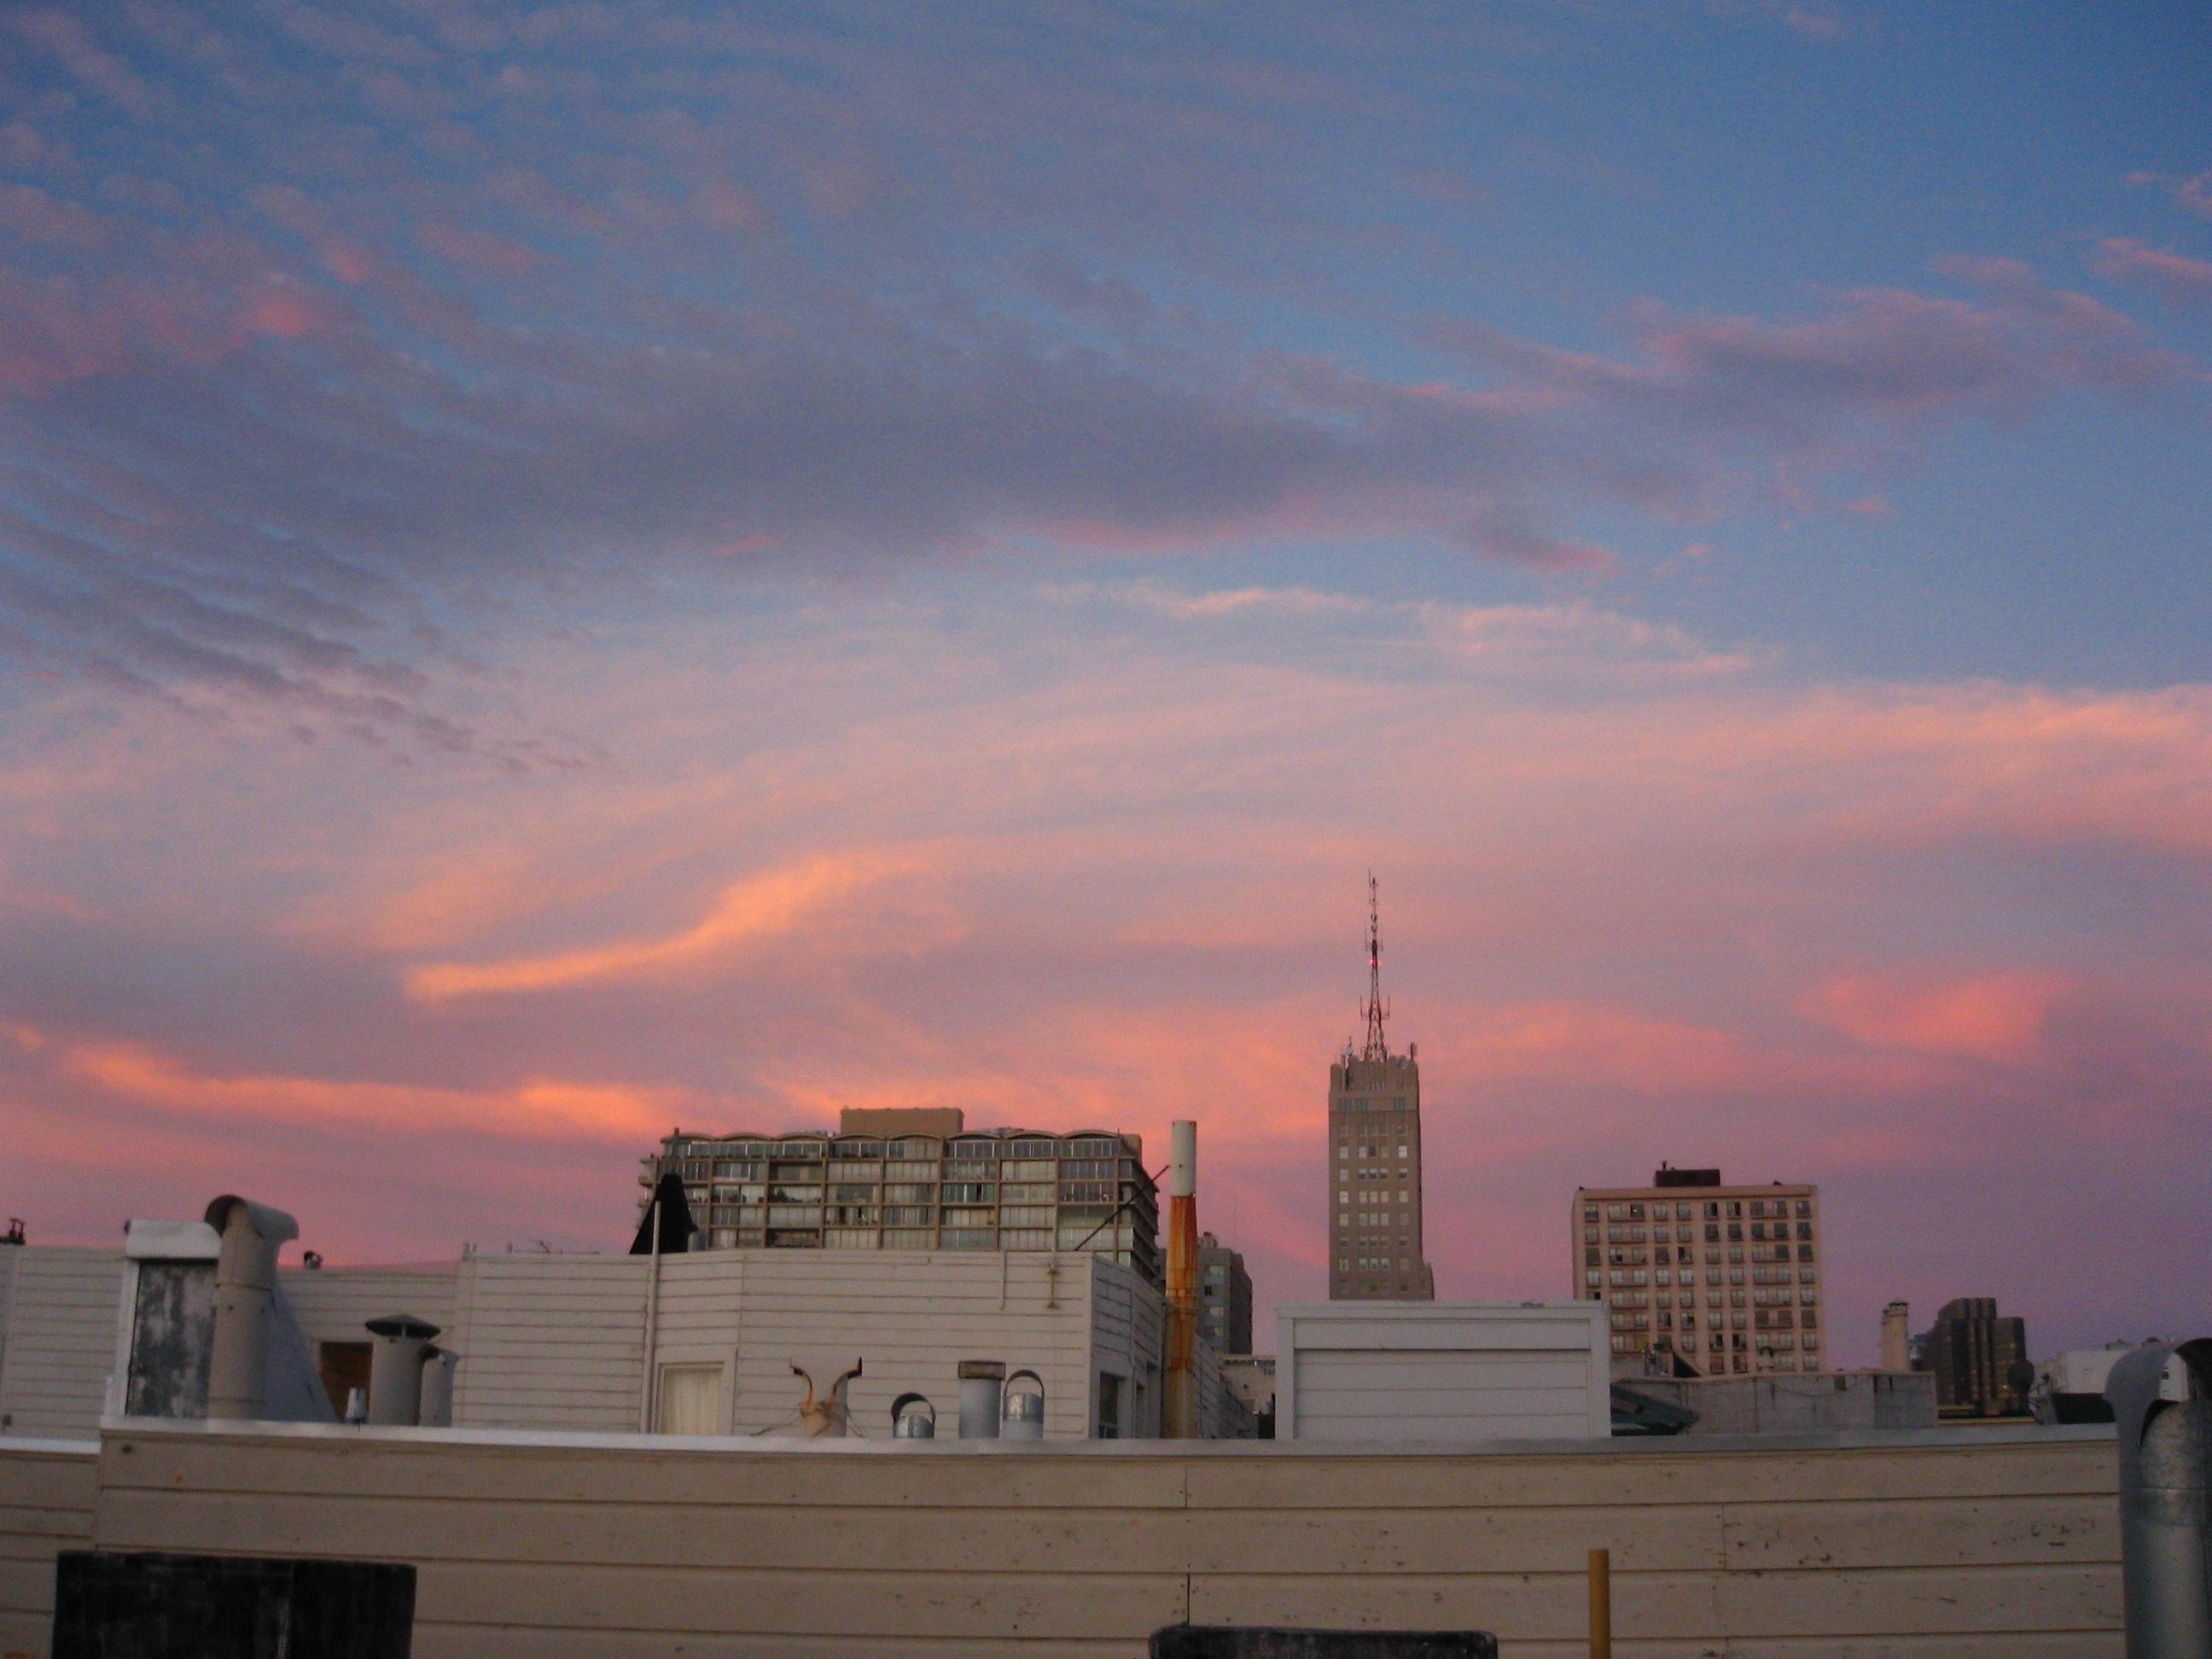 Miller's Roof